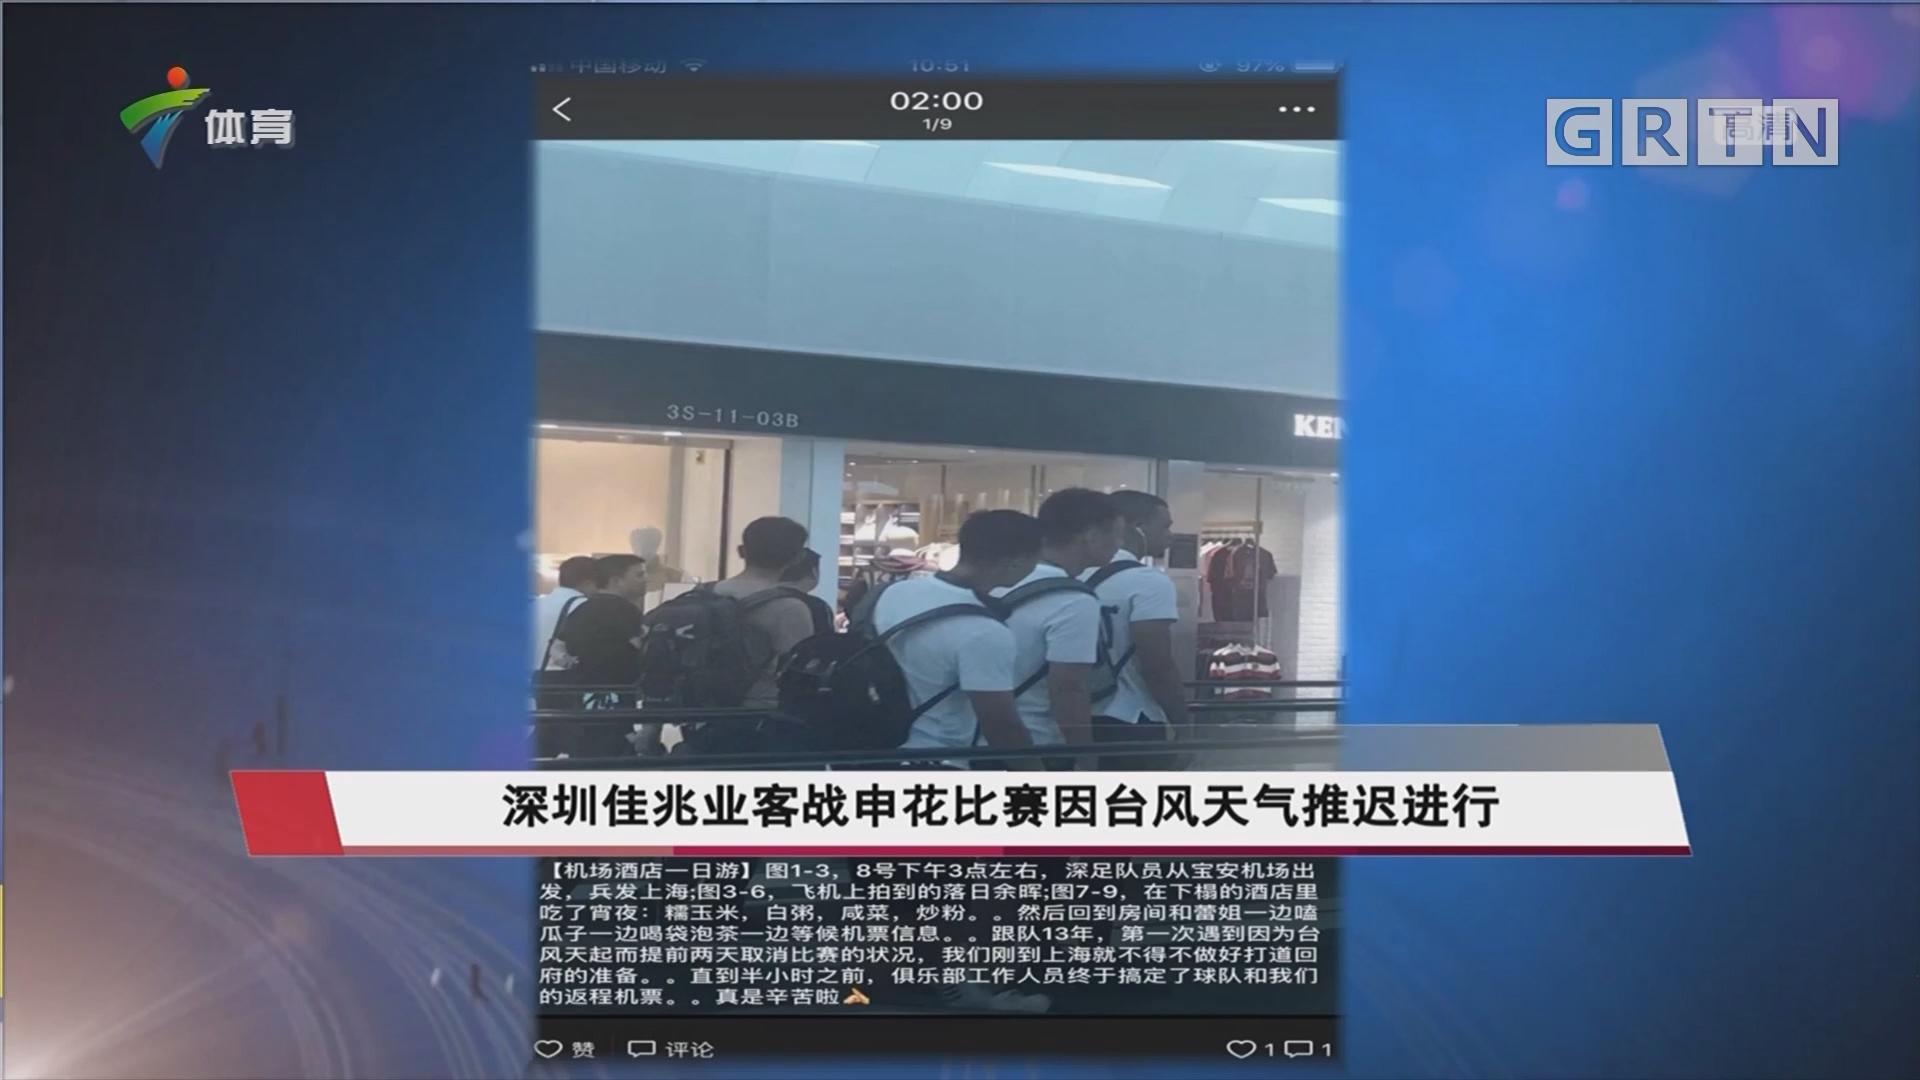 深圳佳兆业客战申花比赛因台风天气推迟进行